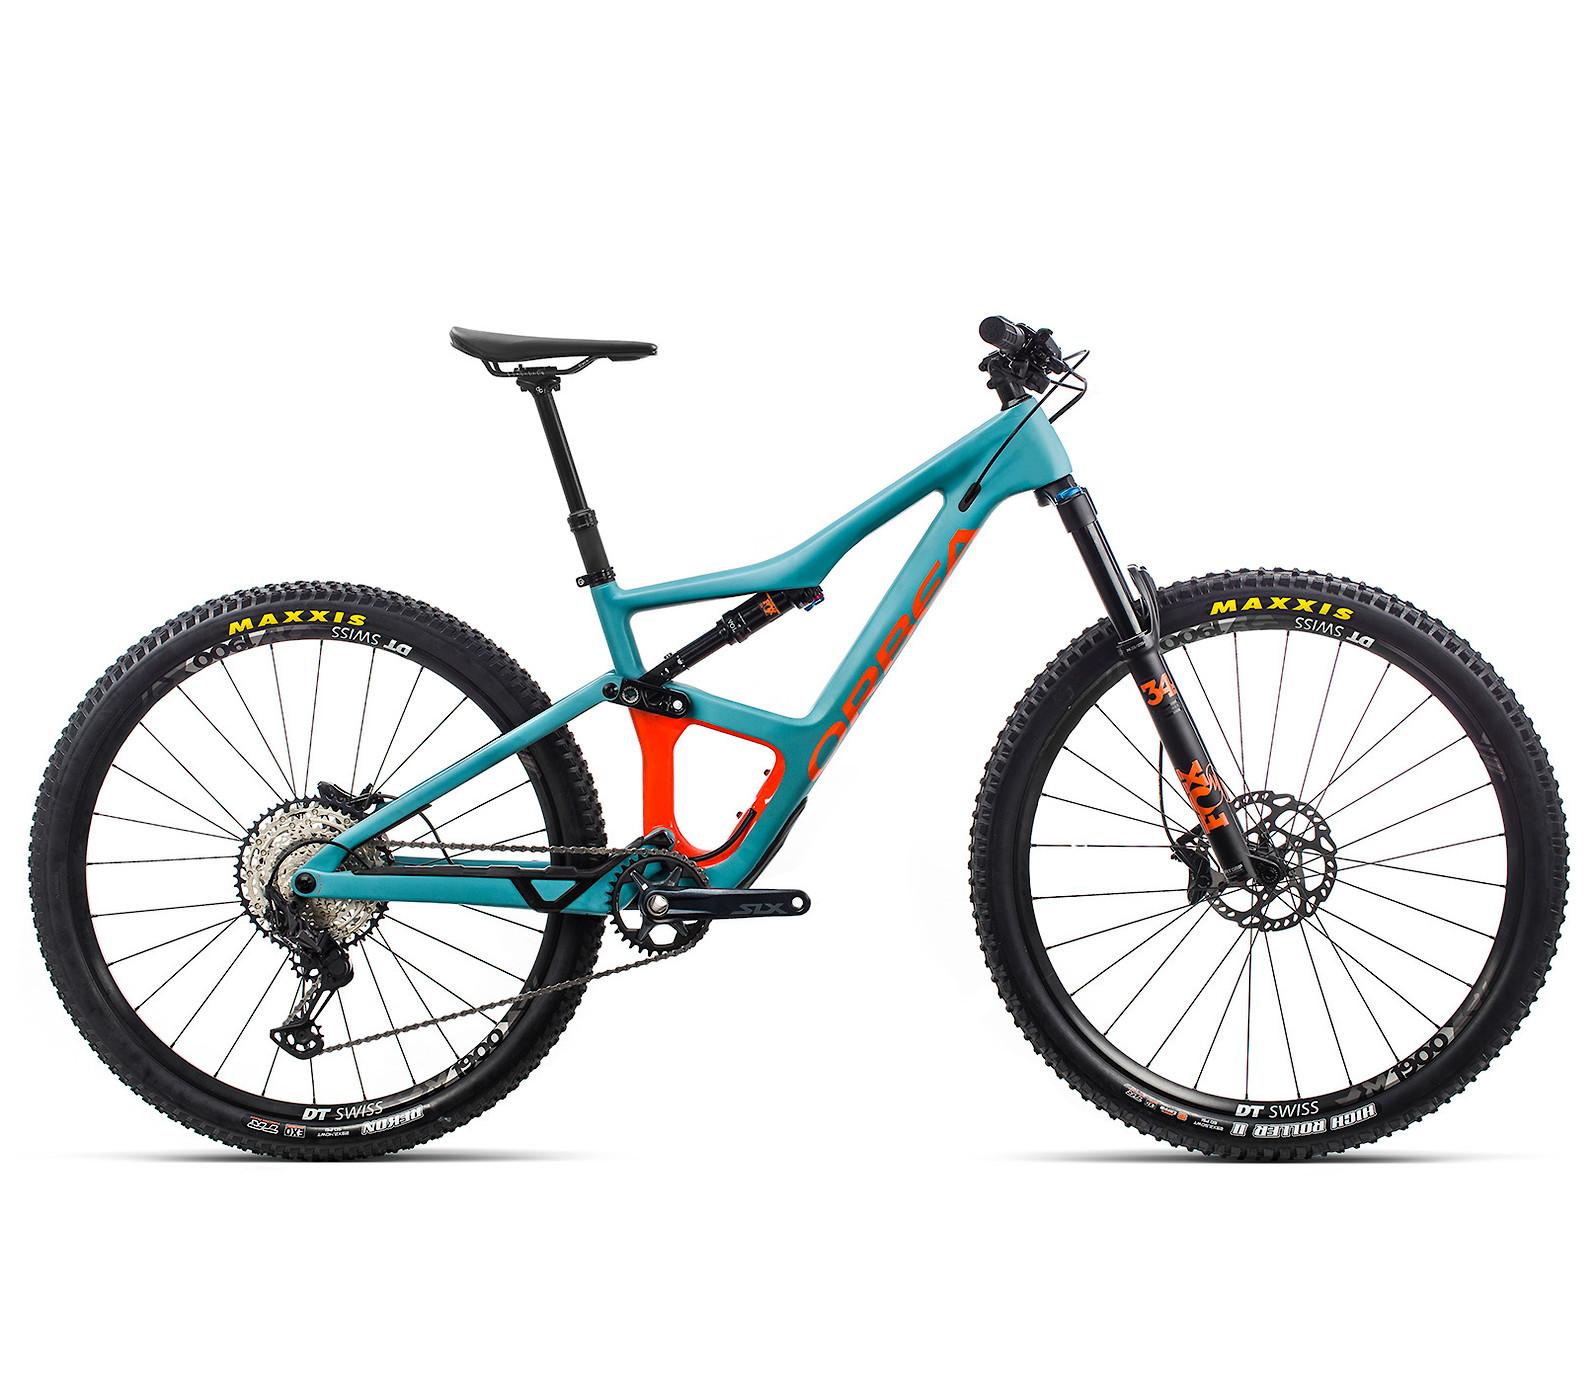 2020 Orbea Occam M30 in blue/orange